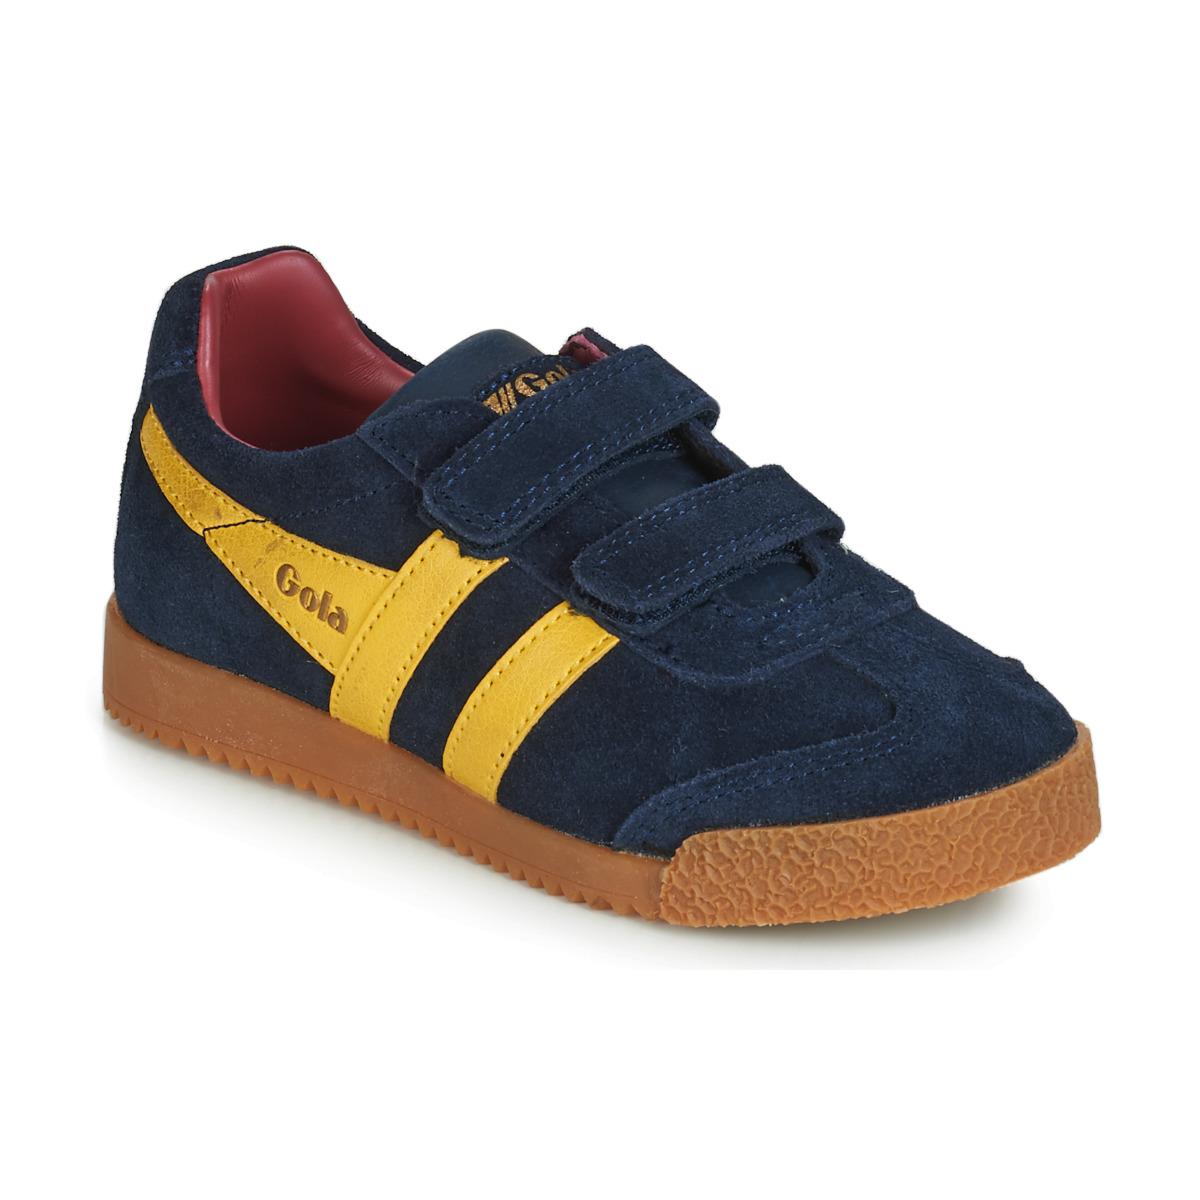 Sneakers til børn Gola  HARRIER VELCRO